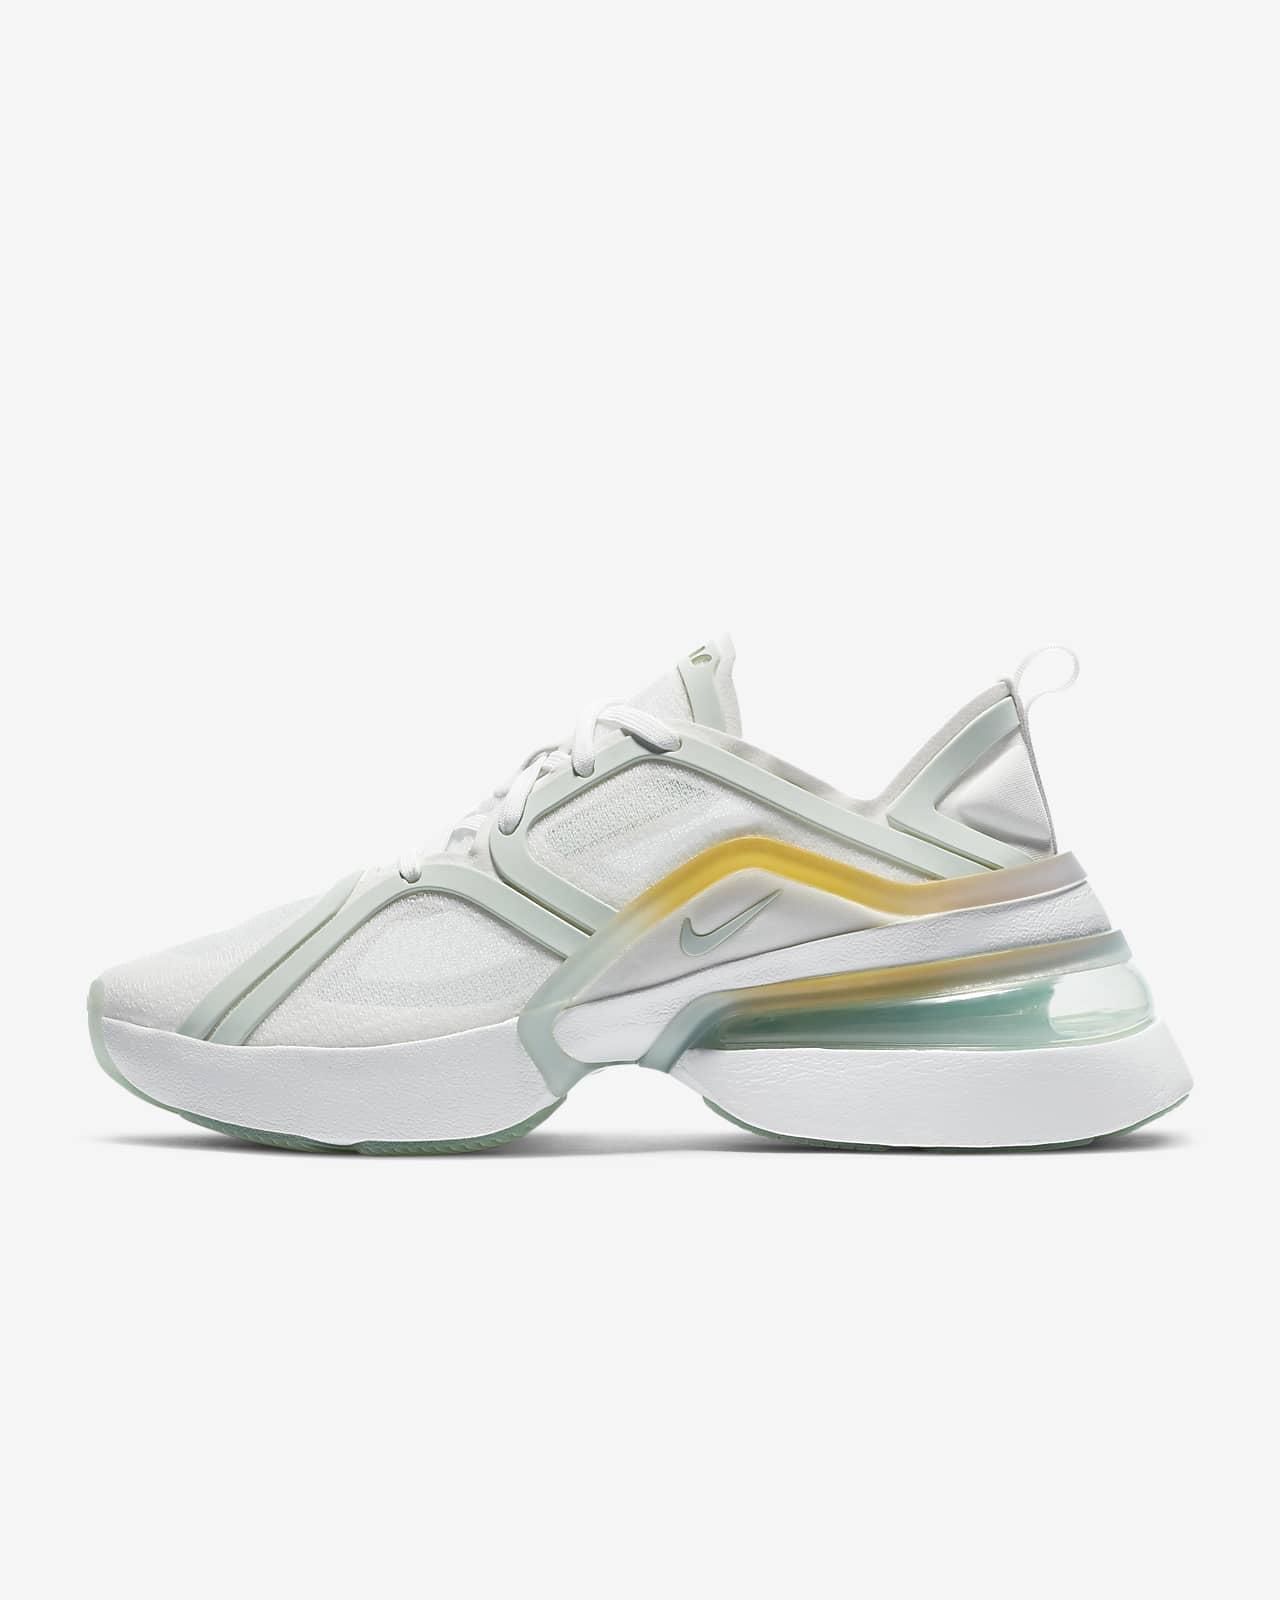 Chaussure Nike Air Max 270 XX pour Femme